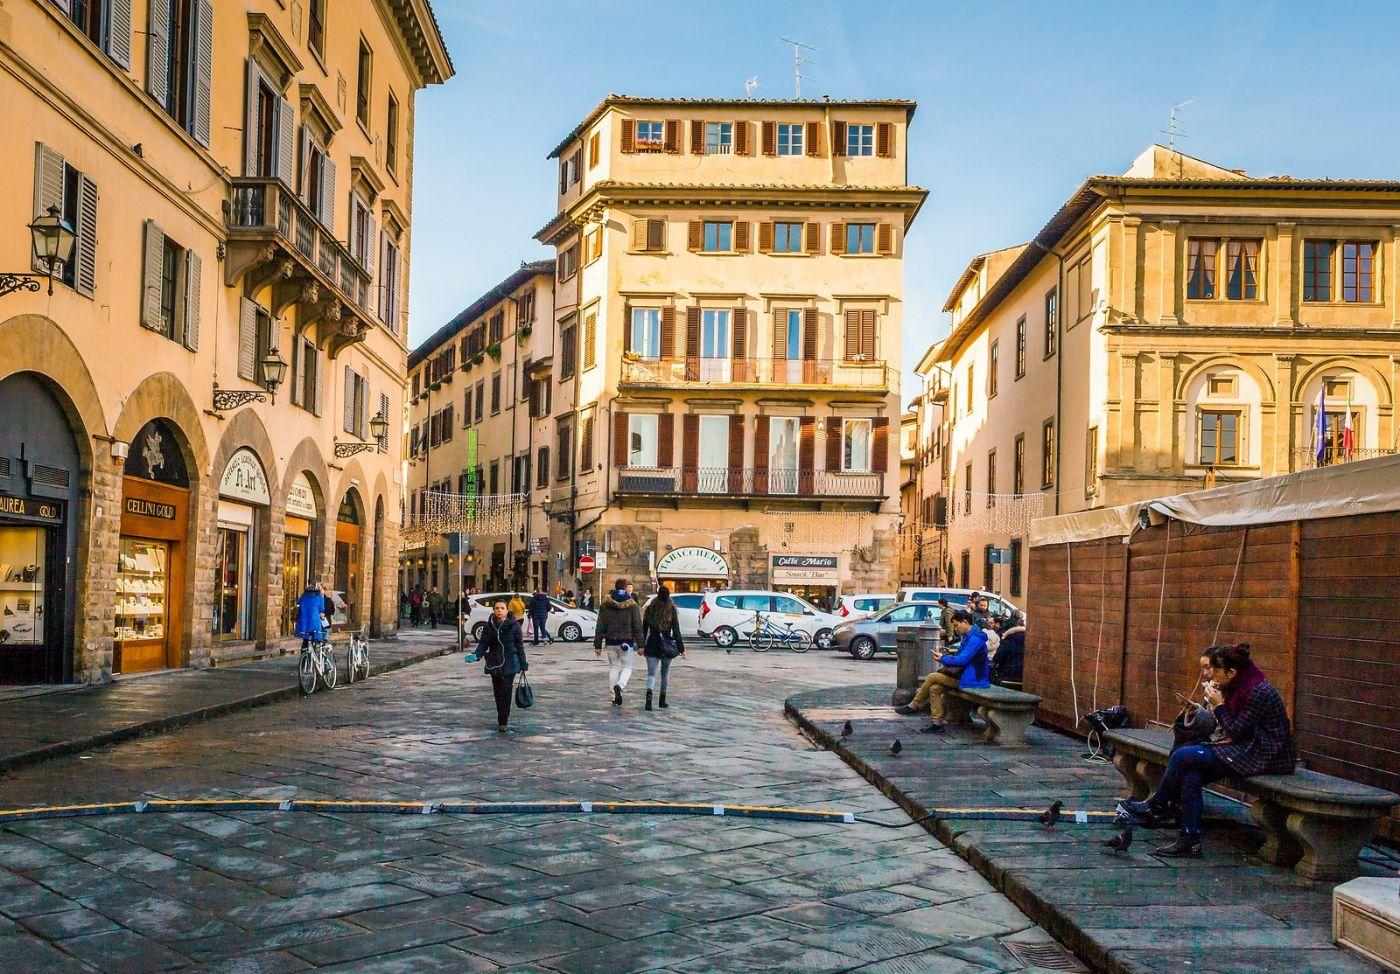 意大利佛罗伦萨(Florence),小街文化_图1-24